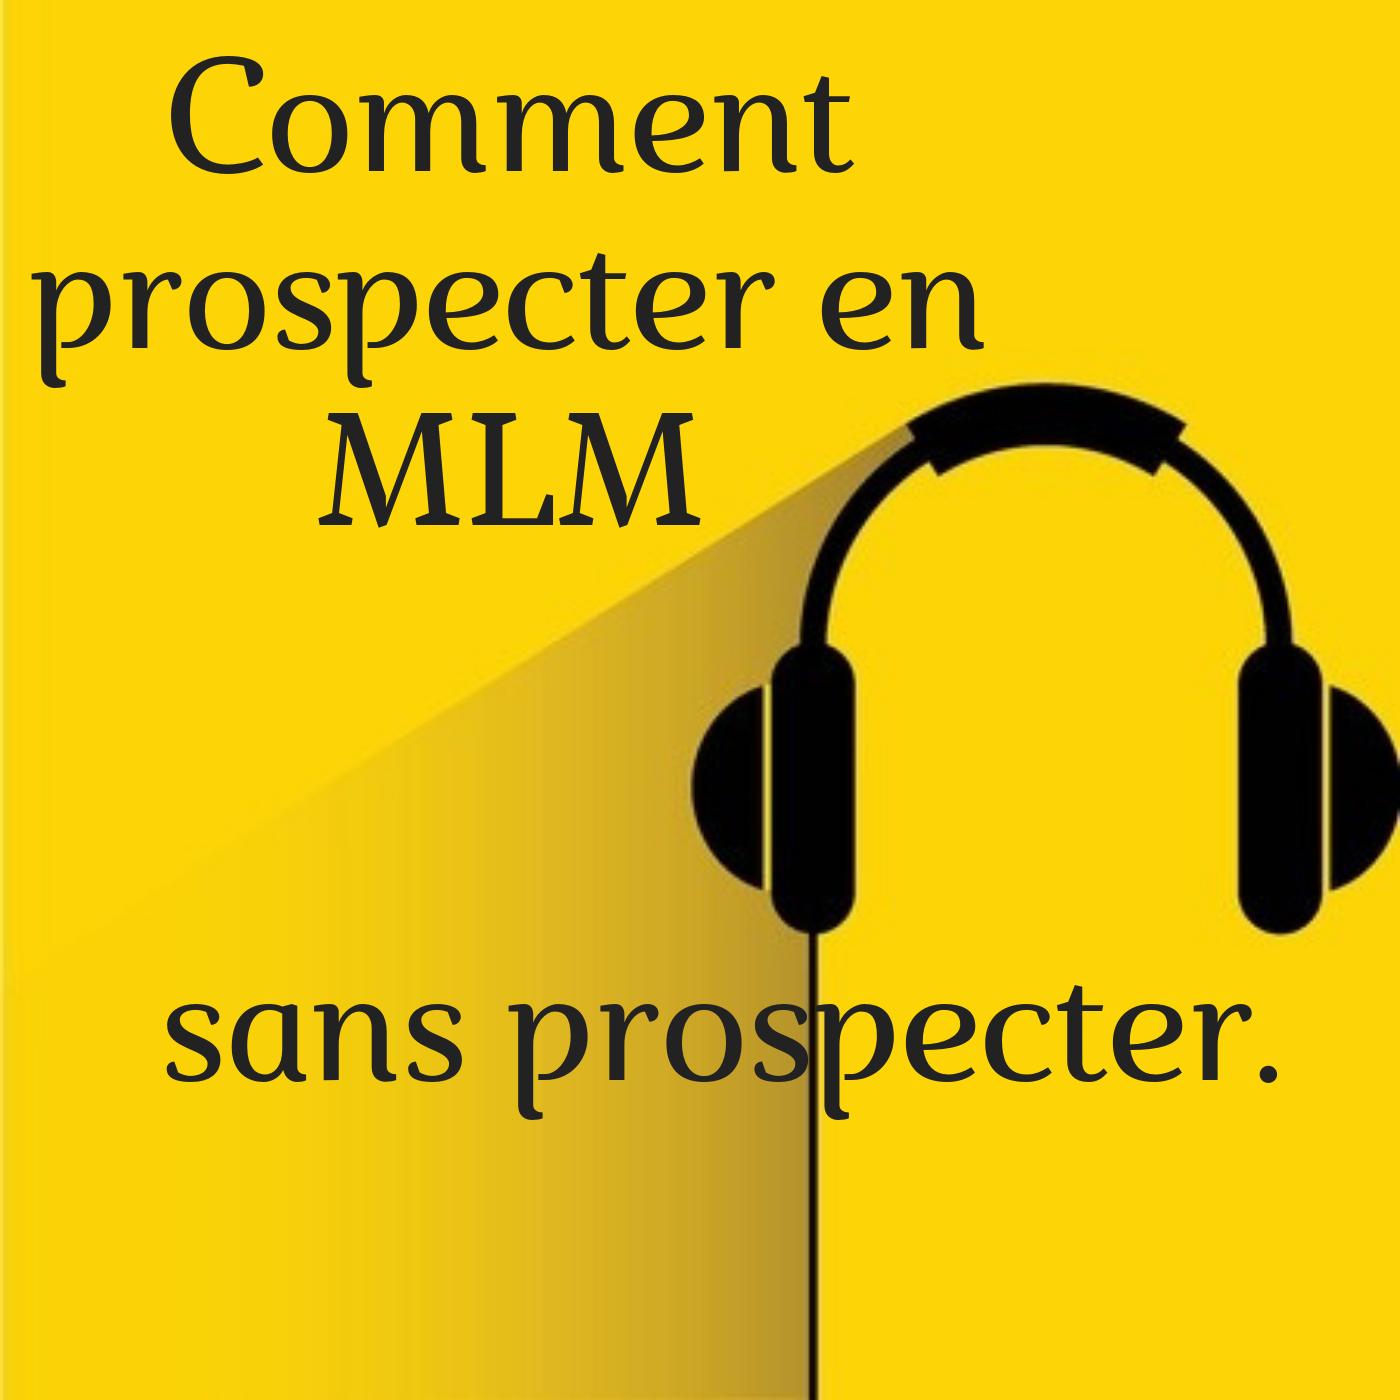 Comment prospecter en MLM : sans prospecter...